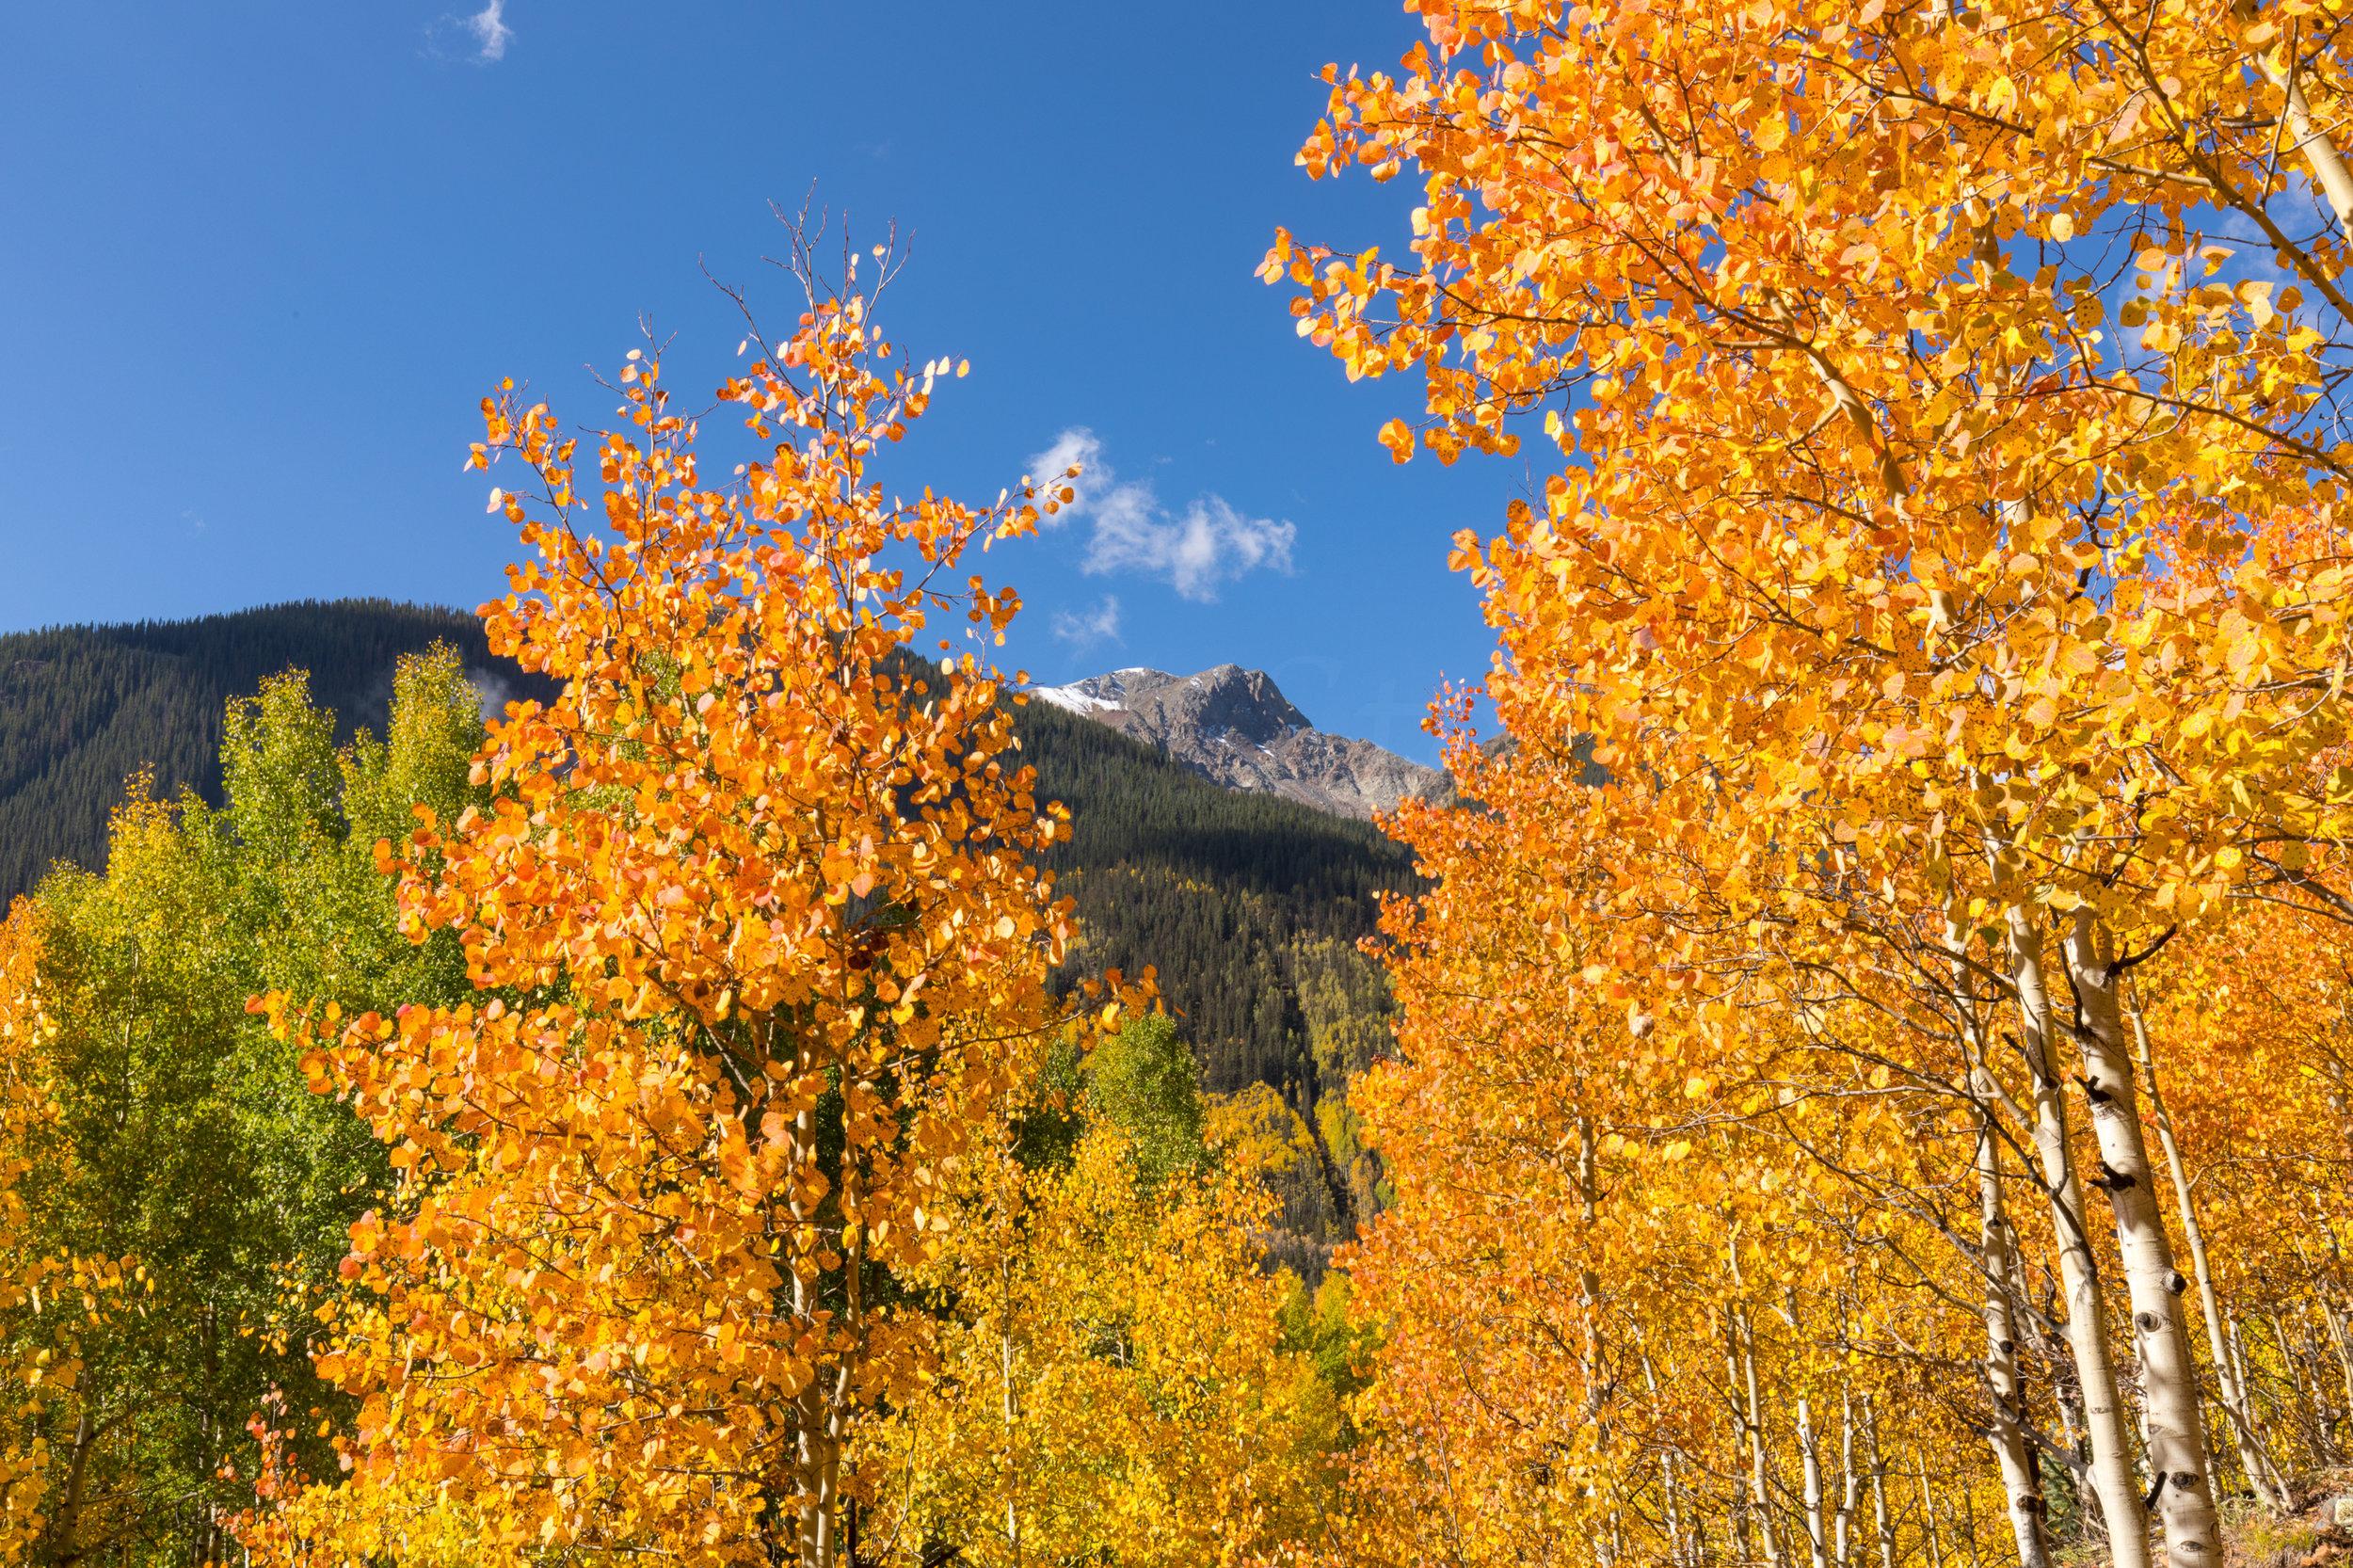 Silverton, Colorado, Image # 0824